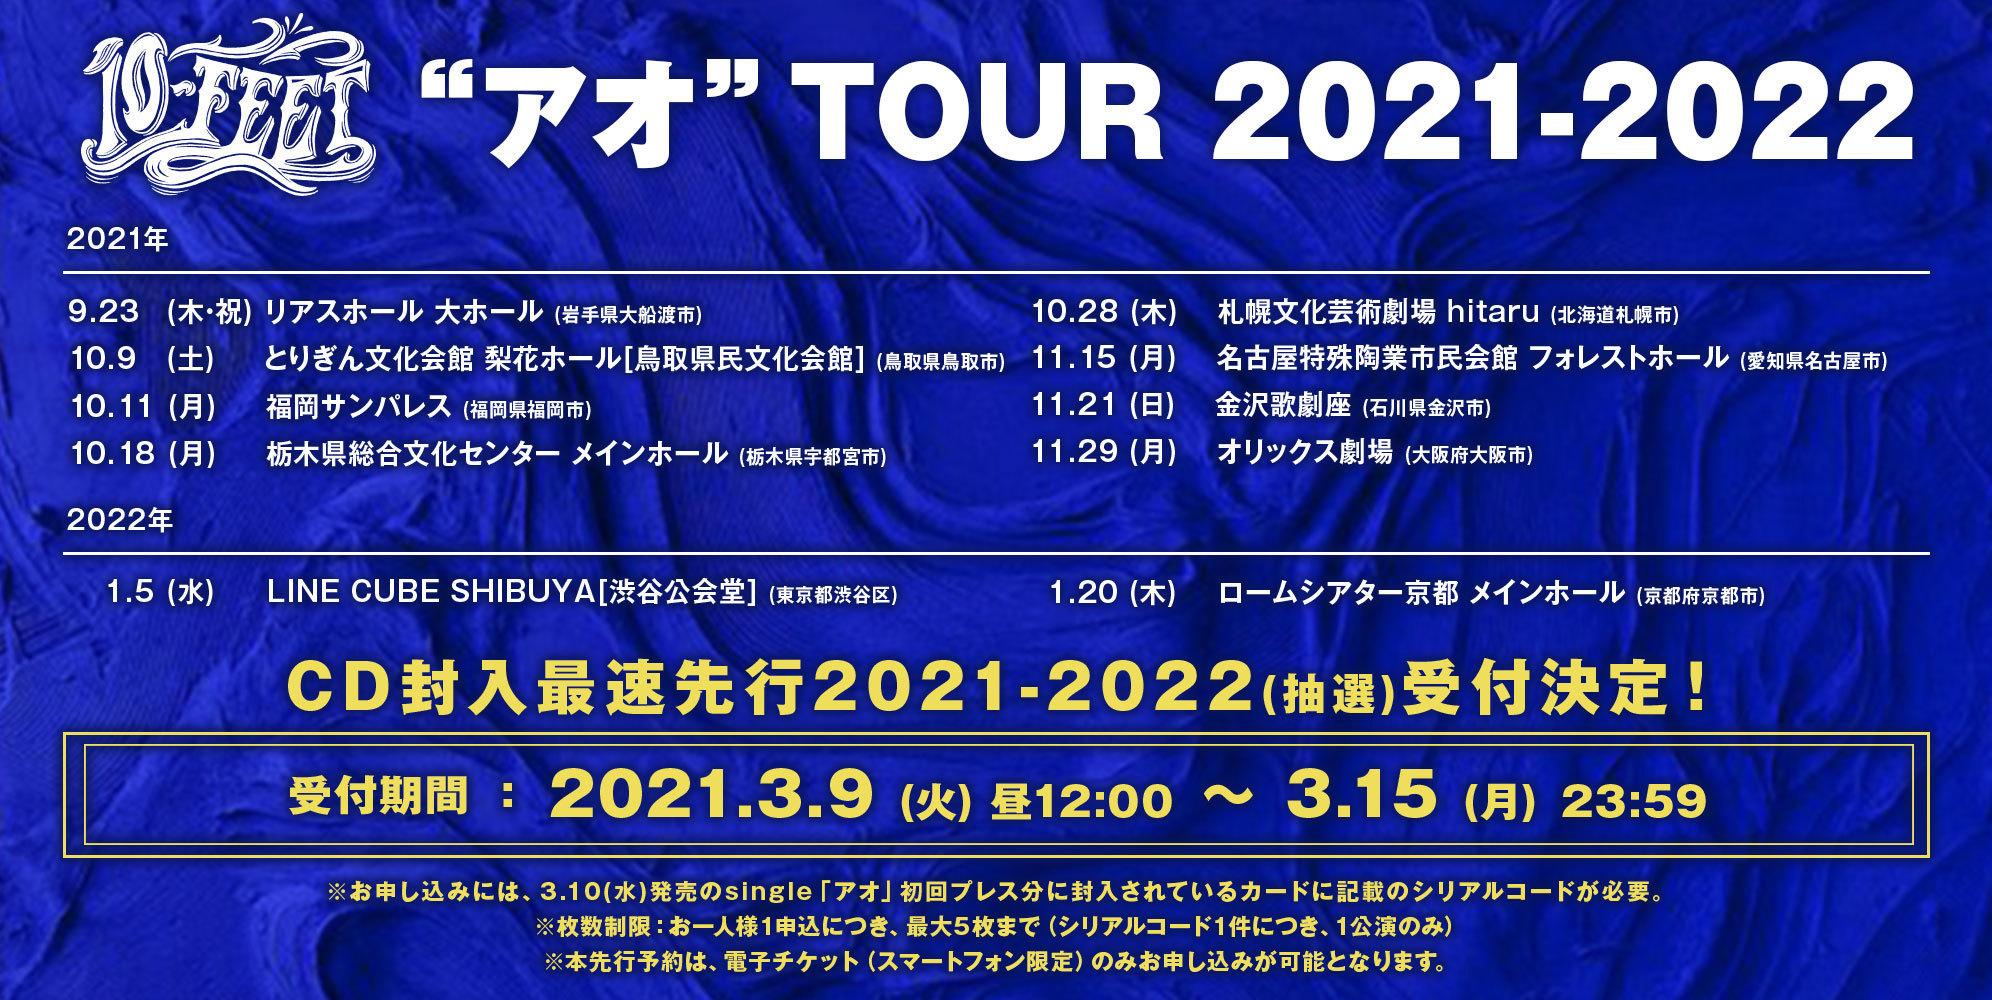 10feet_ao-tour2021-2022